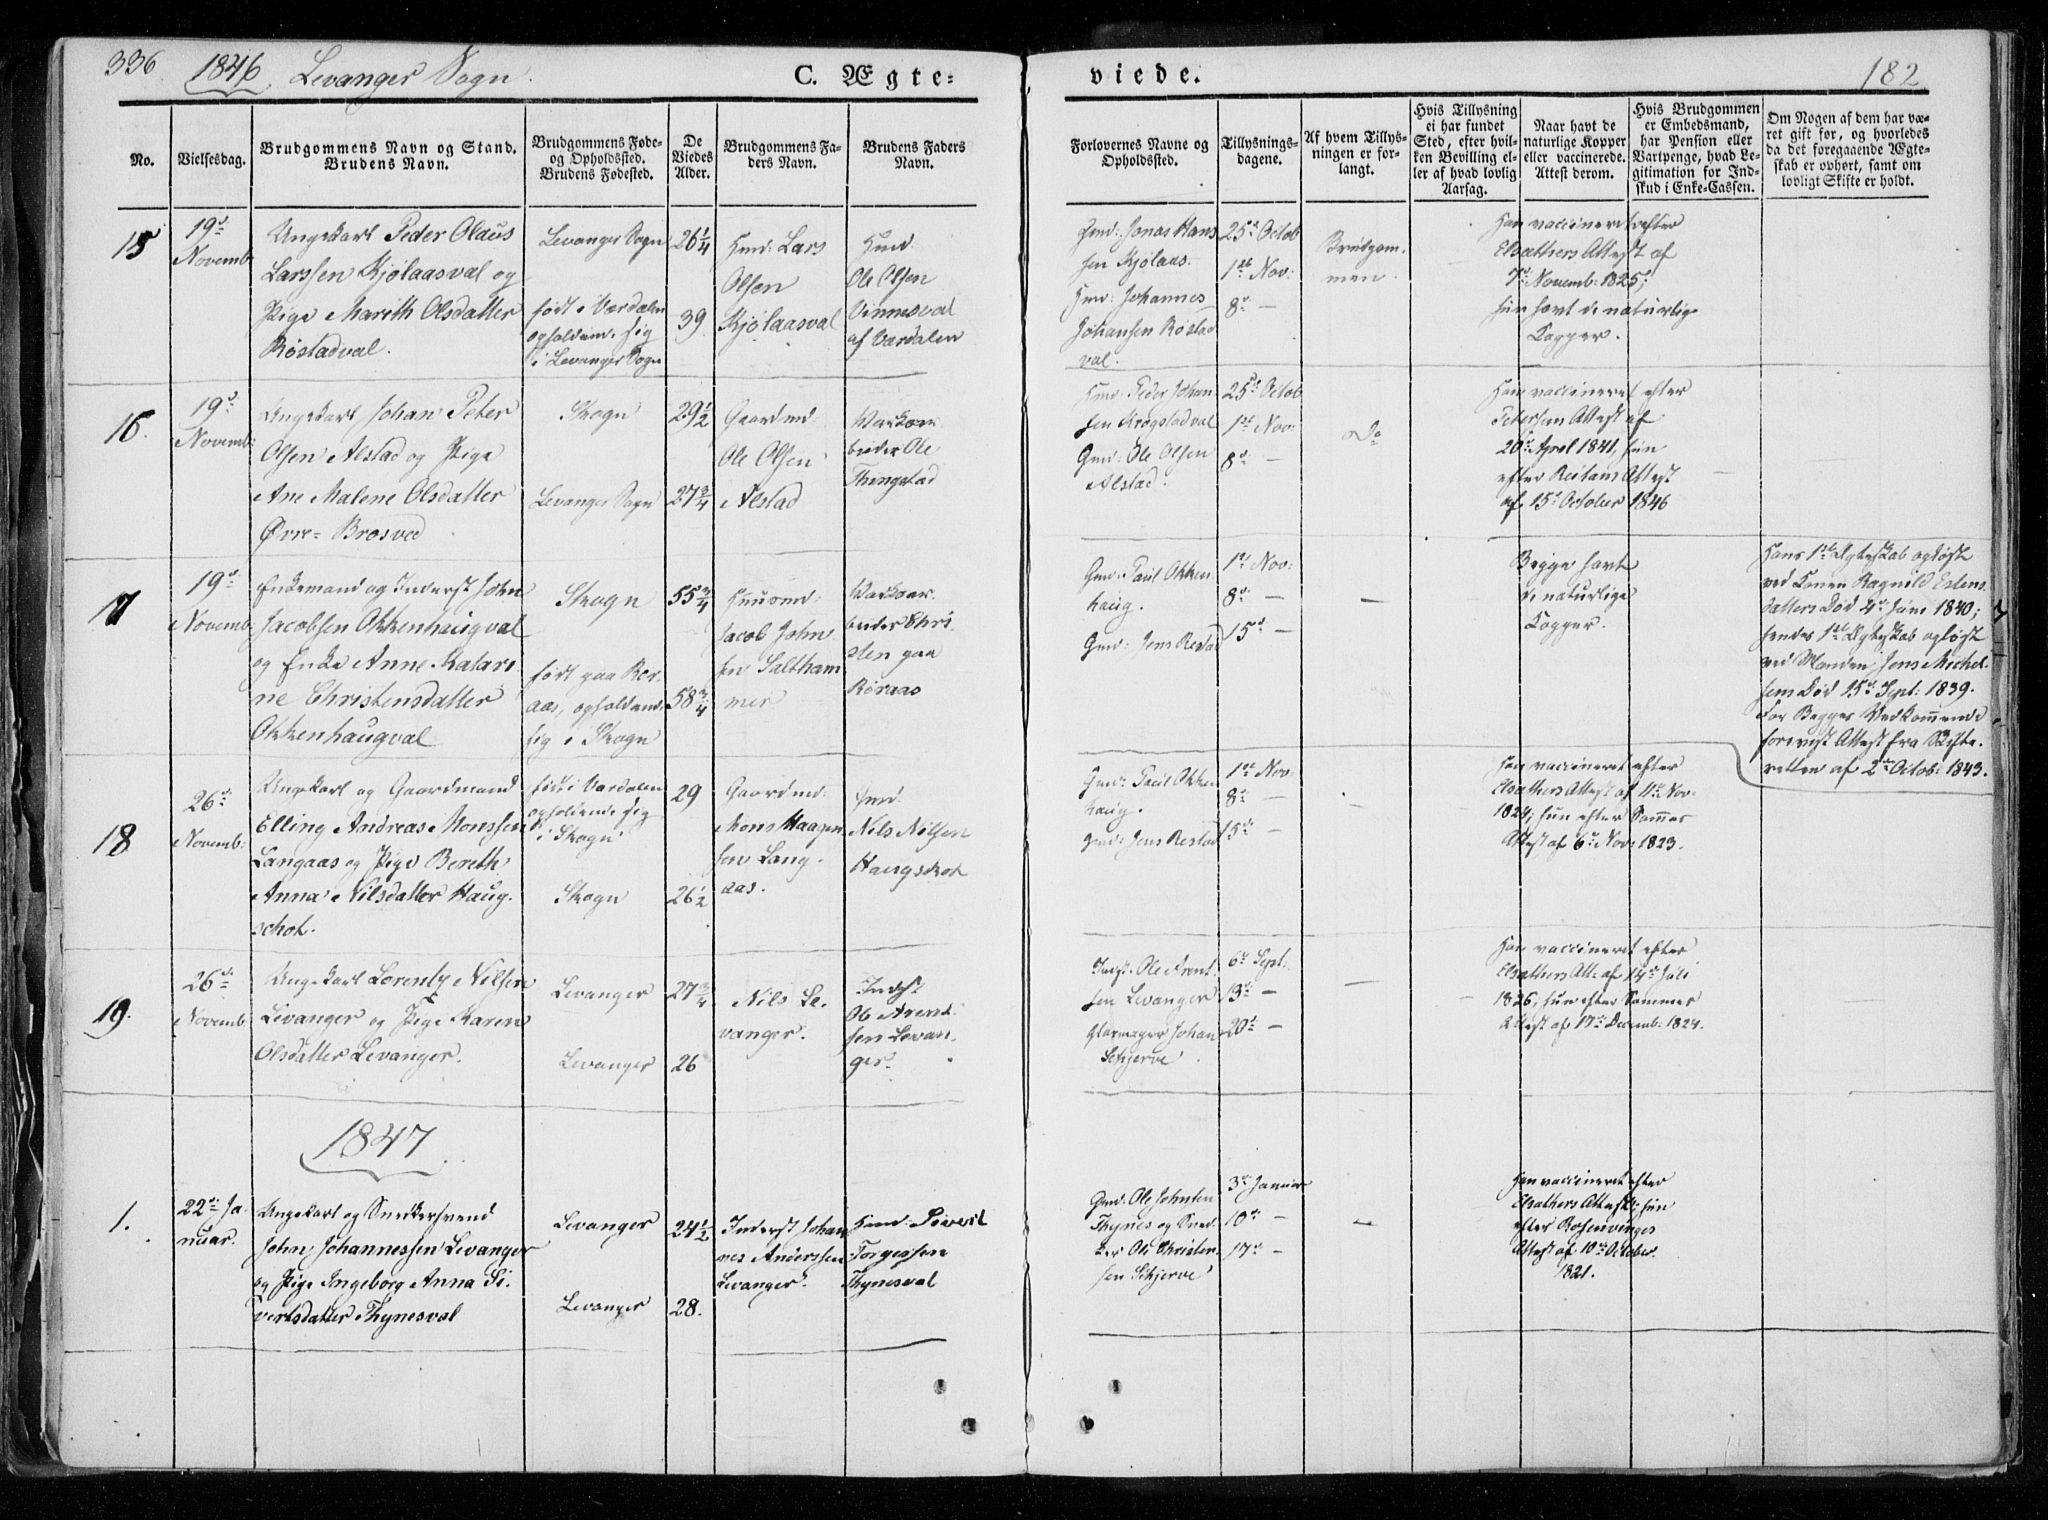 SAT, Ministerialprotokoller, klokkerbøker og fødselsregistre - Nord-Trøndelag, 720/L0183: Ministerialbok nr. 720A01, 1836-1855, s. 182